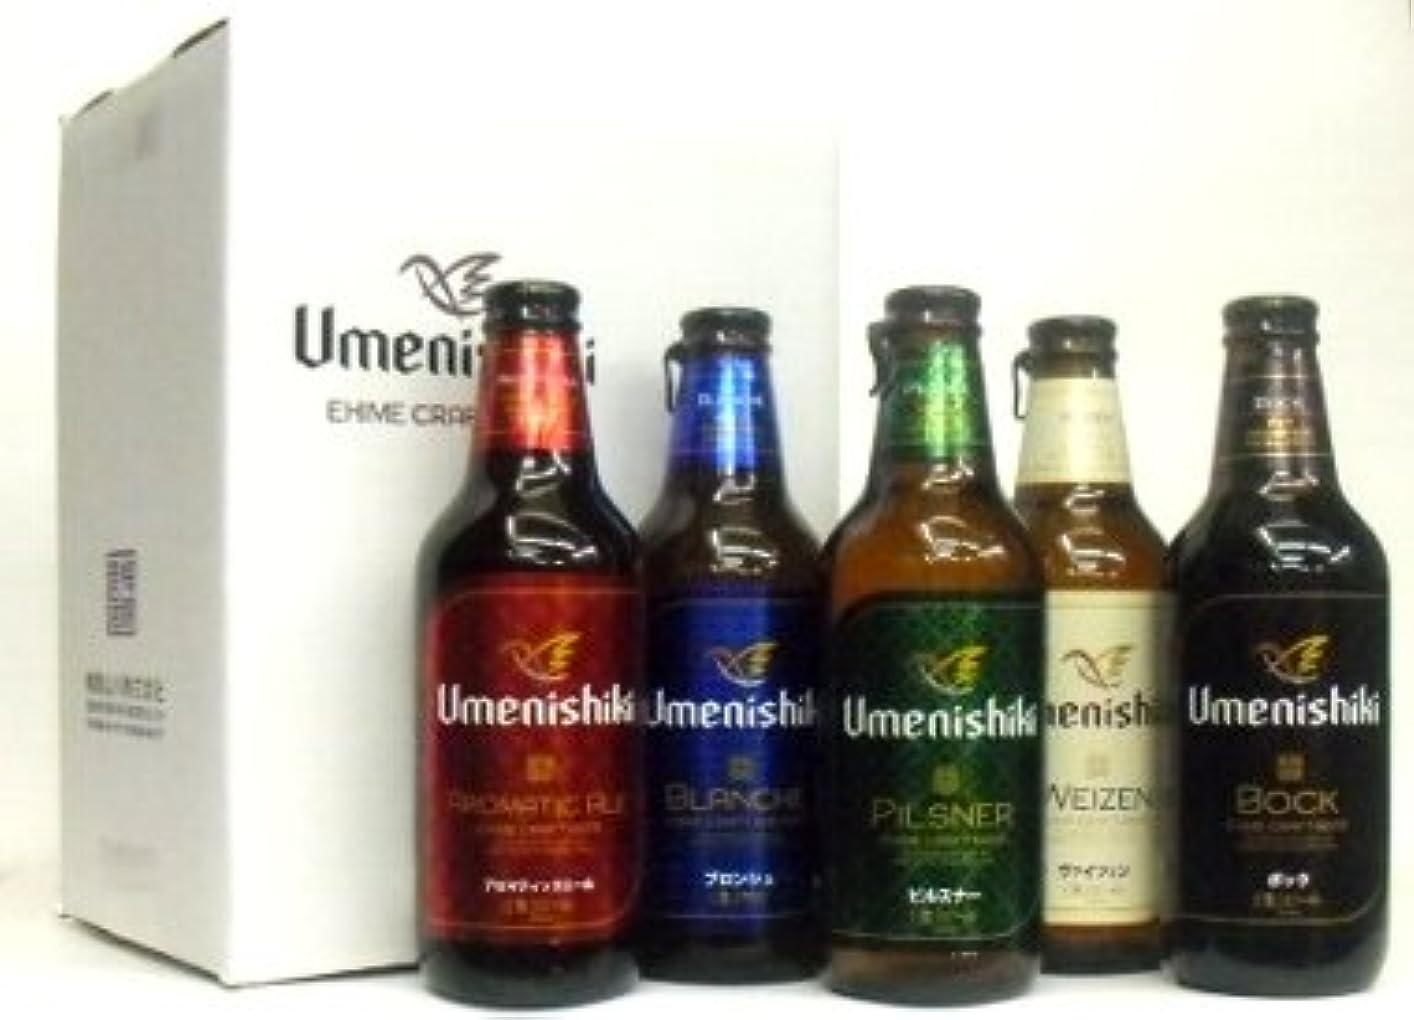 代数的トイレ先行する梅錦ビール 5種6本セット UB_Craft6/ 愛媛県 地ビール 飲み比べセット